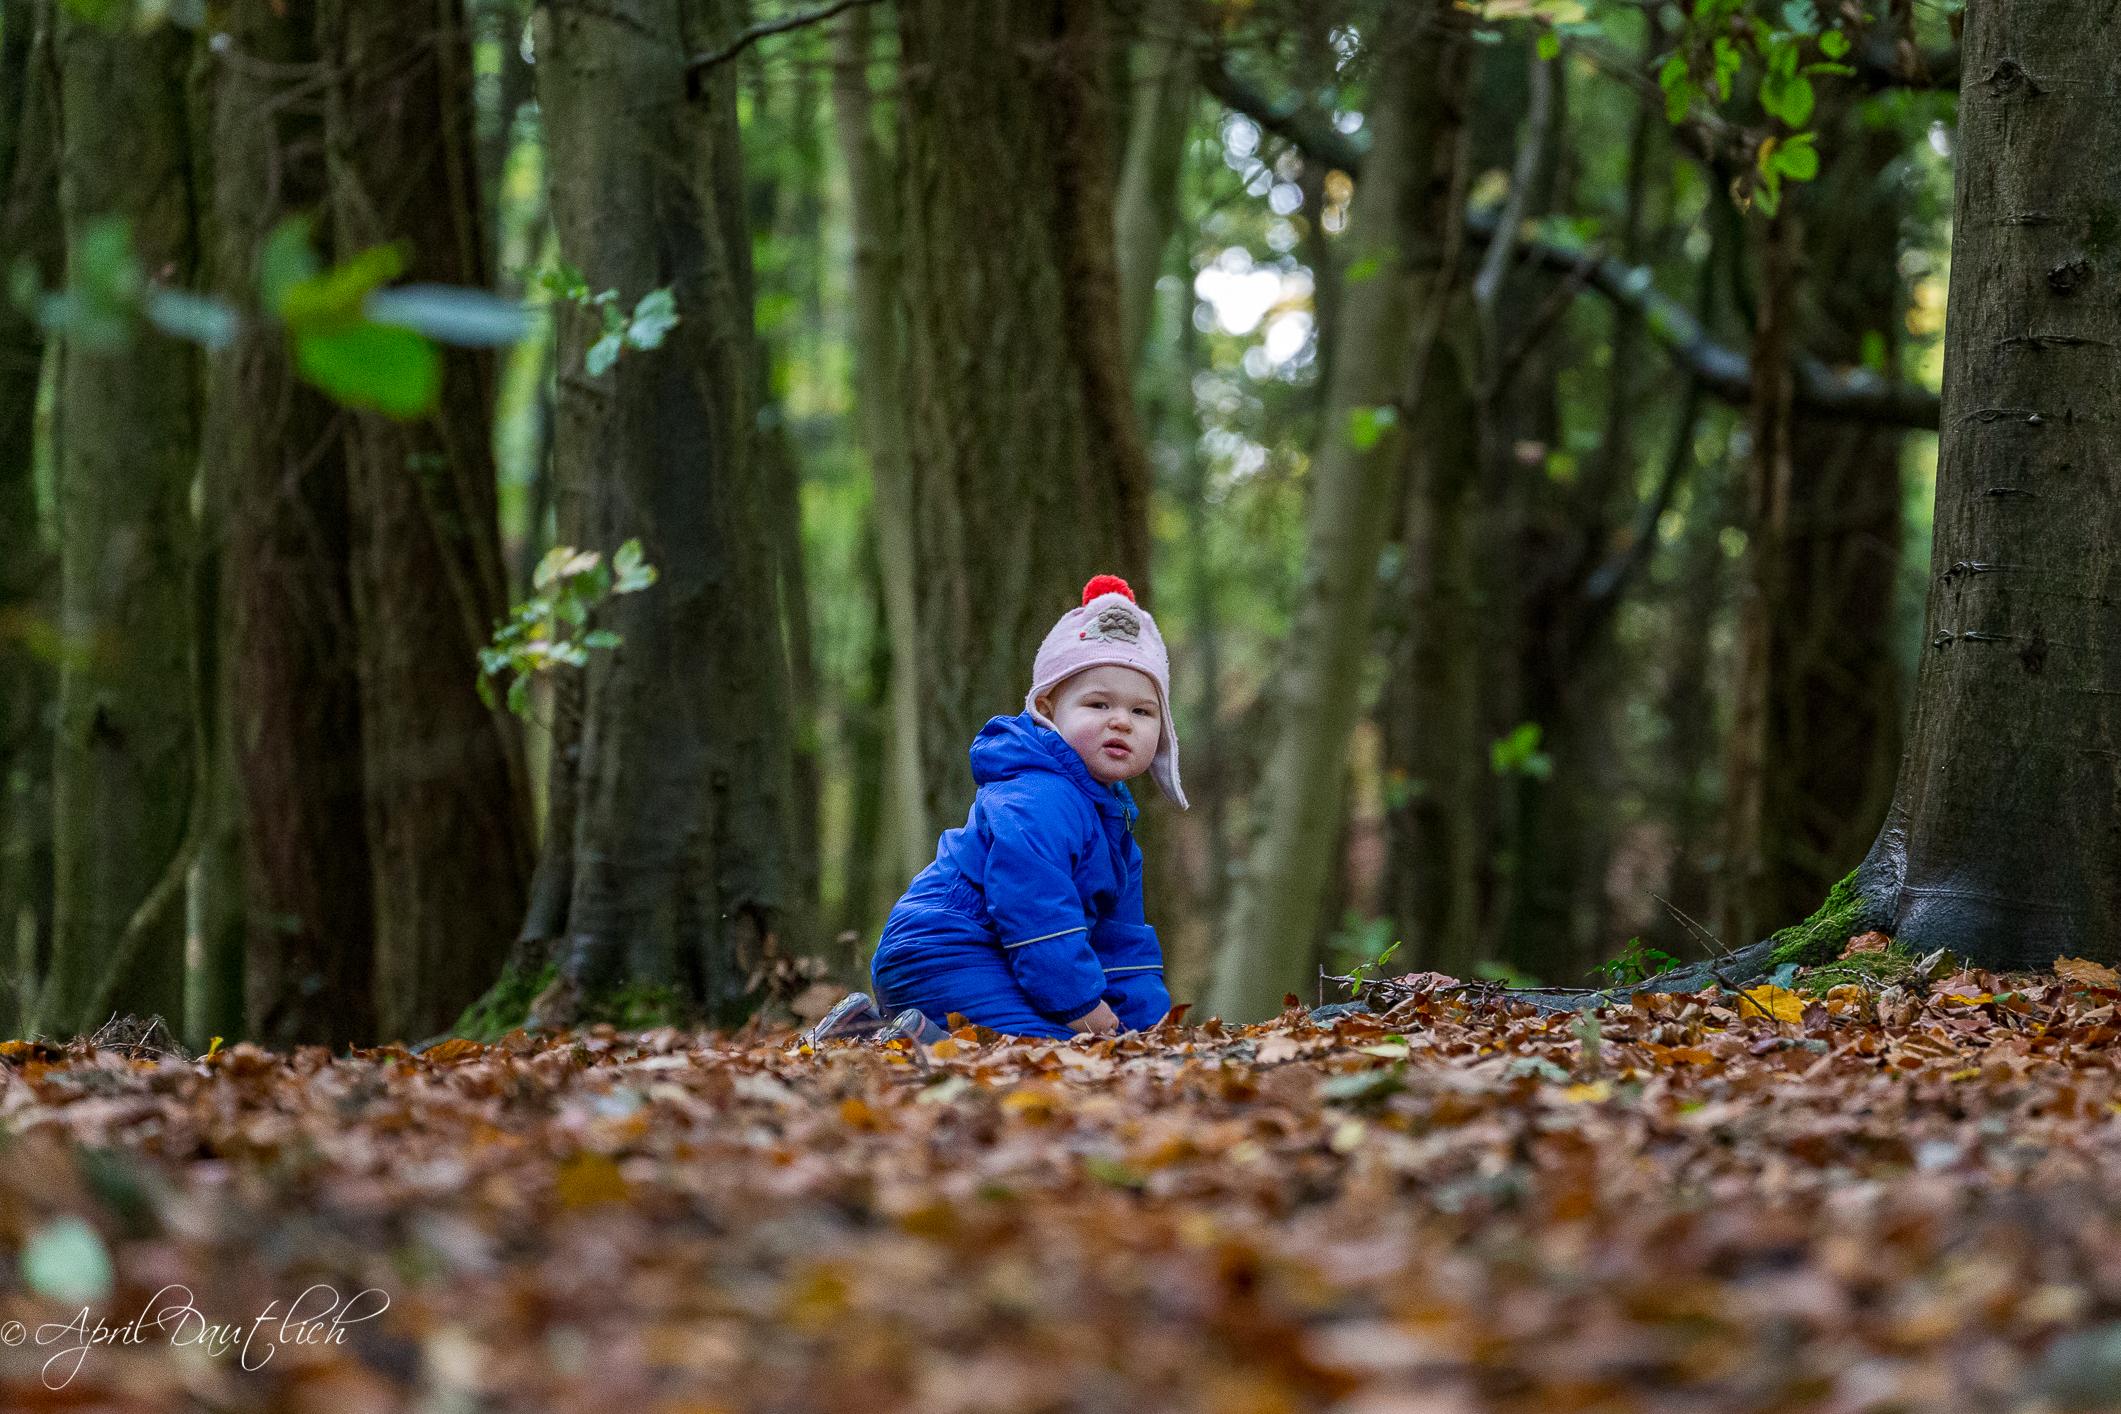 kneeling in leaves.jpg